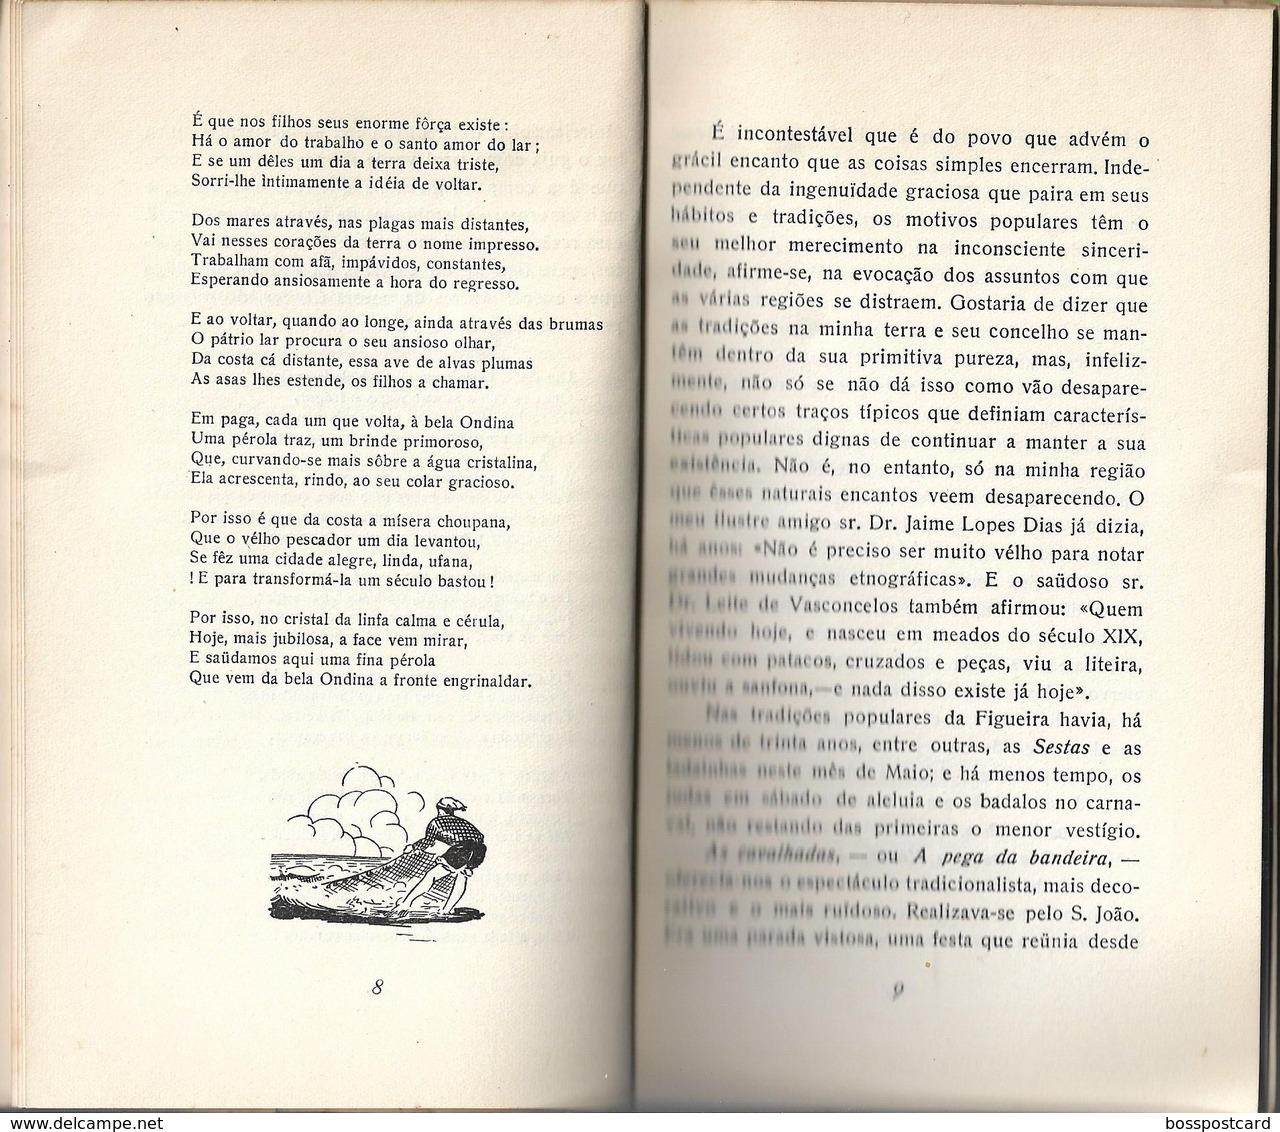 Figueira Da Foz - Das Suas Tradições Populares - Dos Seus Encantos Coimbra Portugal - Poetry